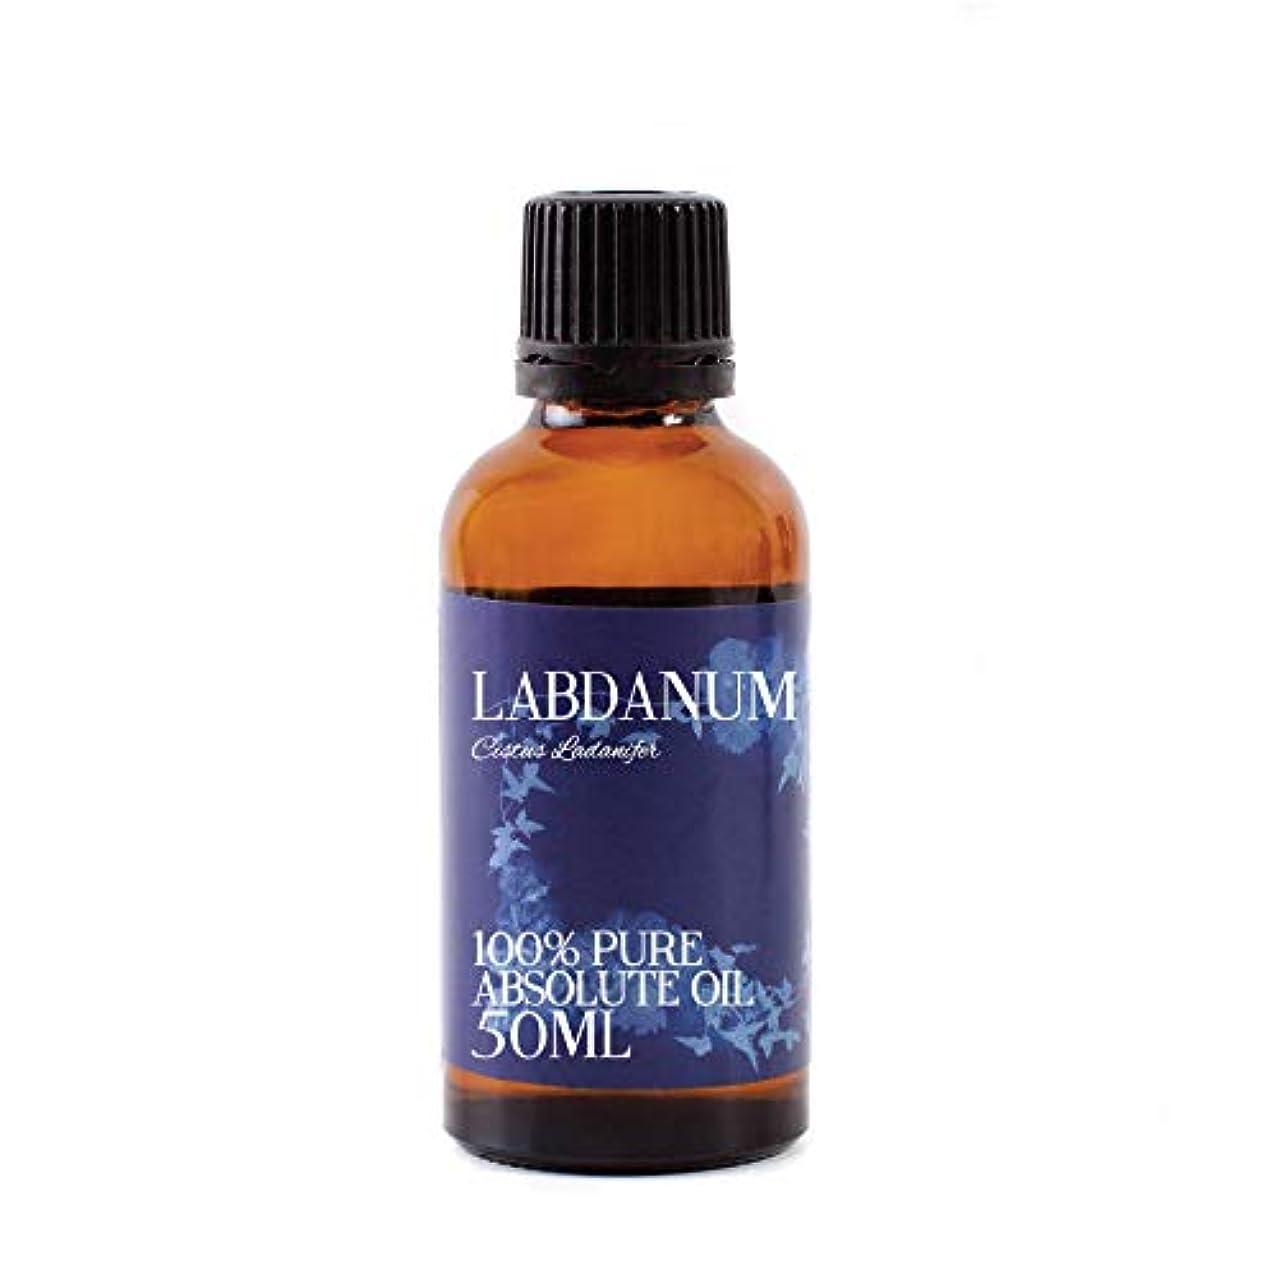 瞑想不屈起こるLabdanum Absolute 50ml - 100% Pure